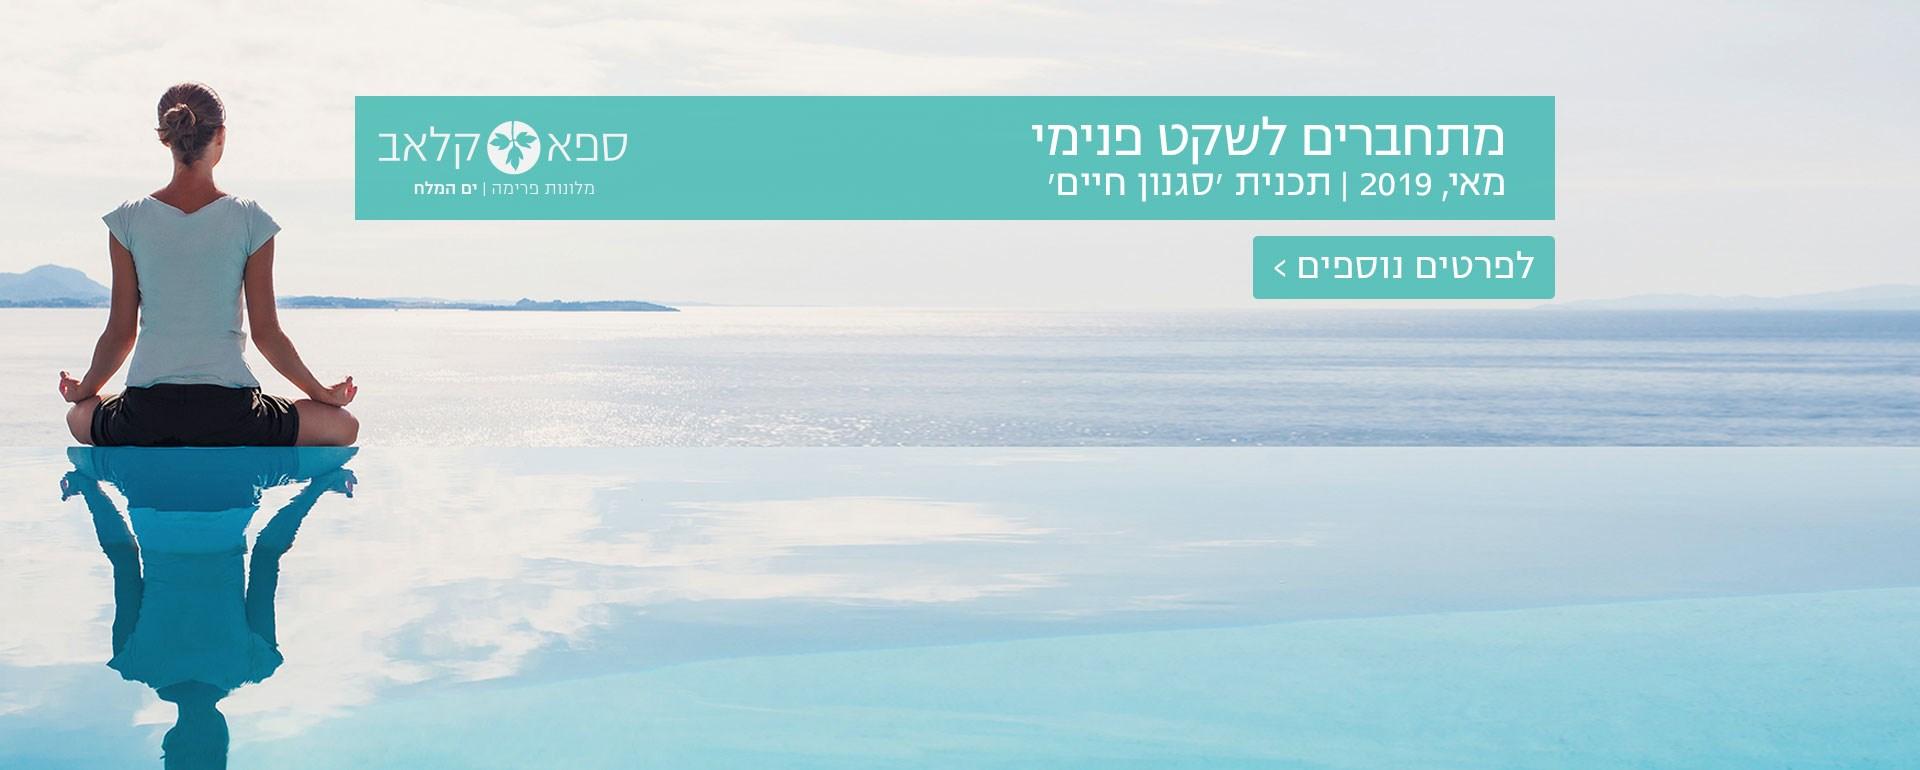 מאי 2019:  שקט פנימי מול הטורקיז של הים